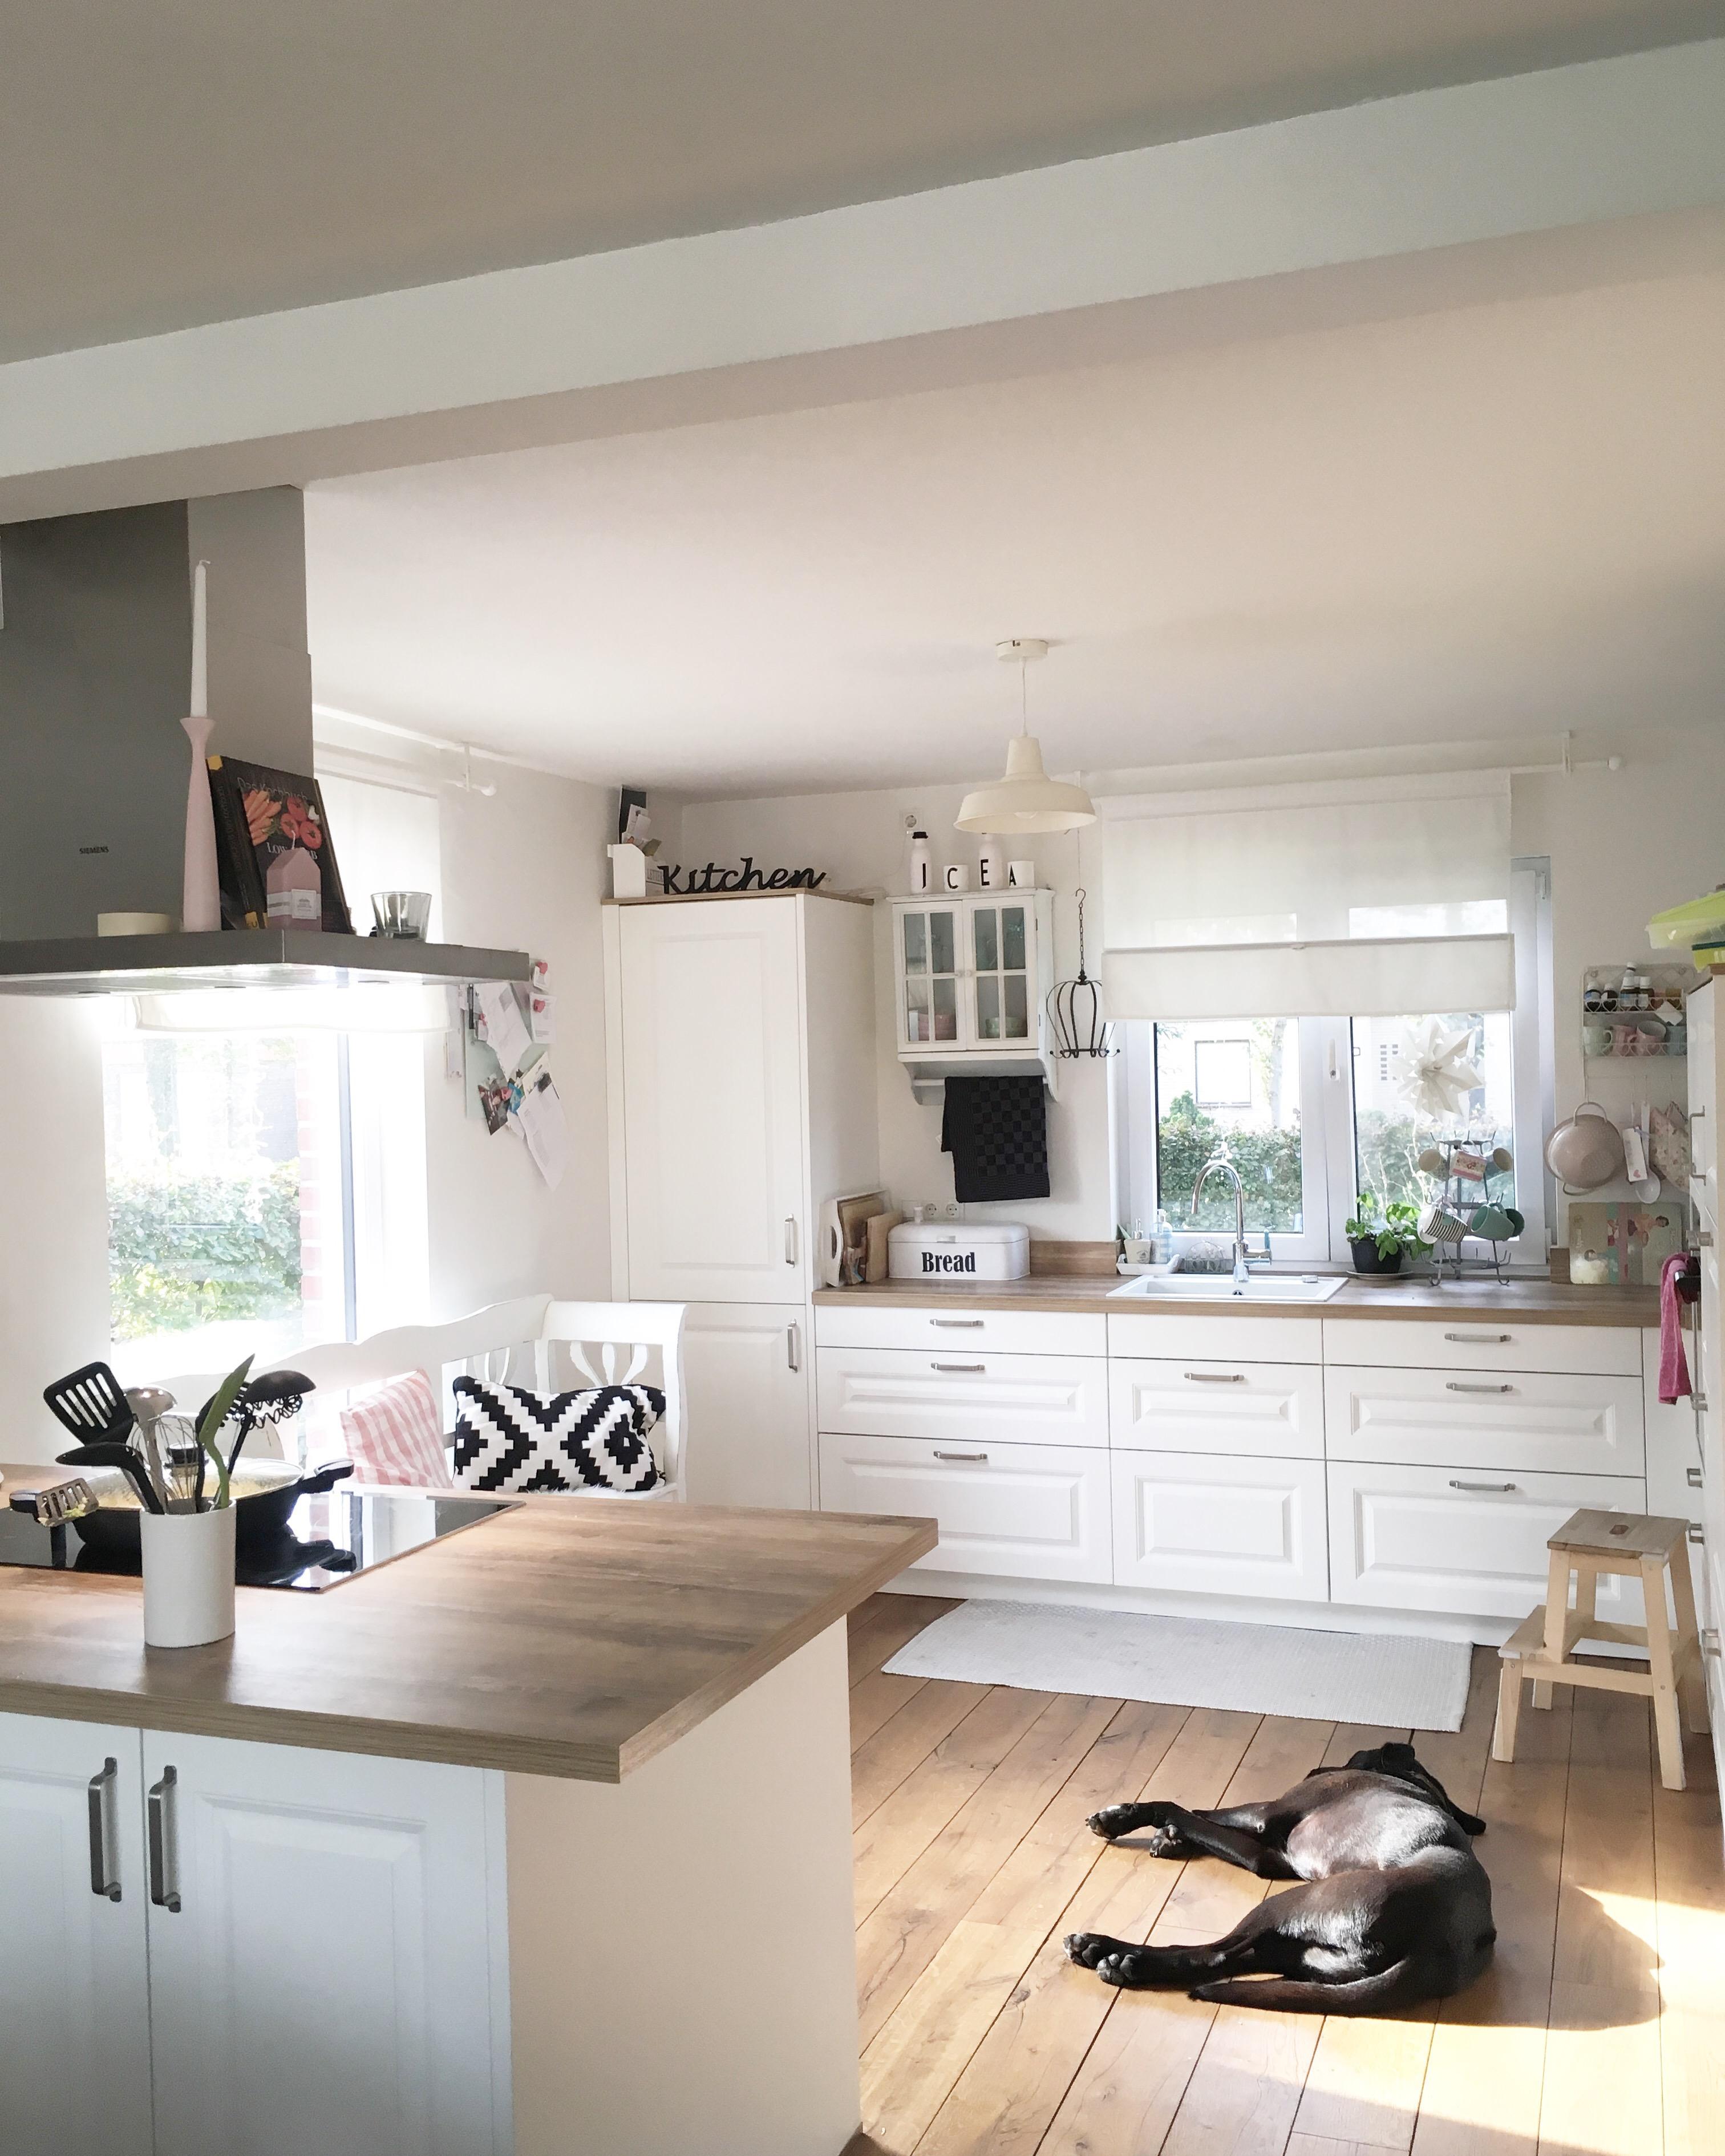 kitchendreams 10 fakten ber meine k che fr ulein emmama. Black Bedroom Furniture Sets. Home Design Ideas